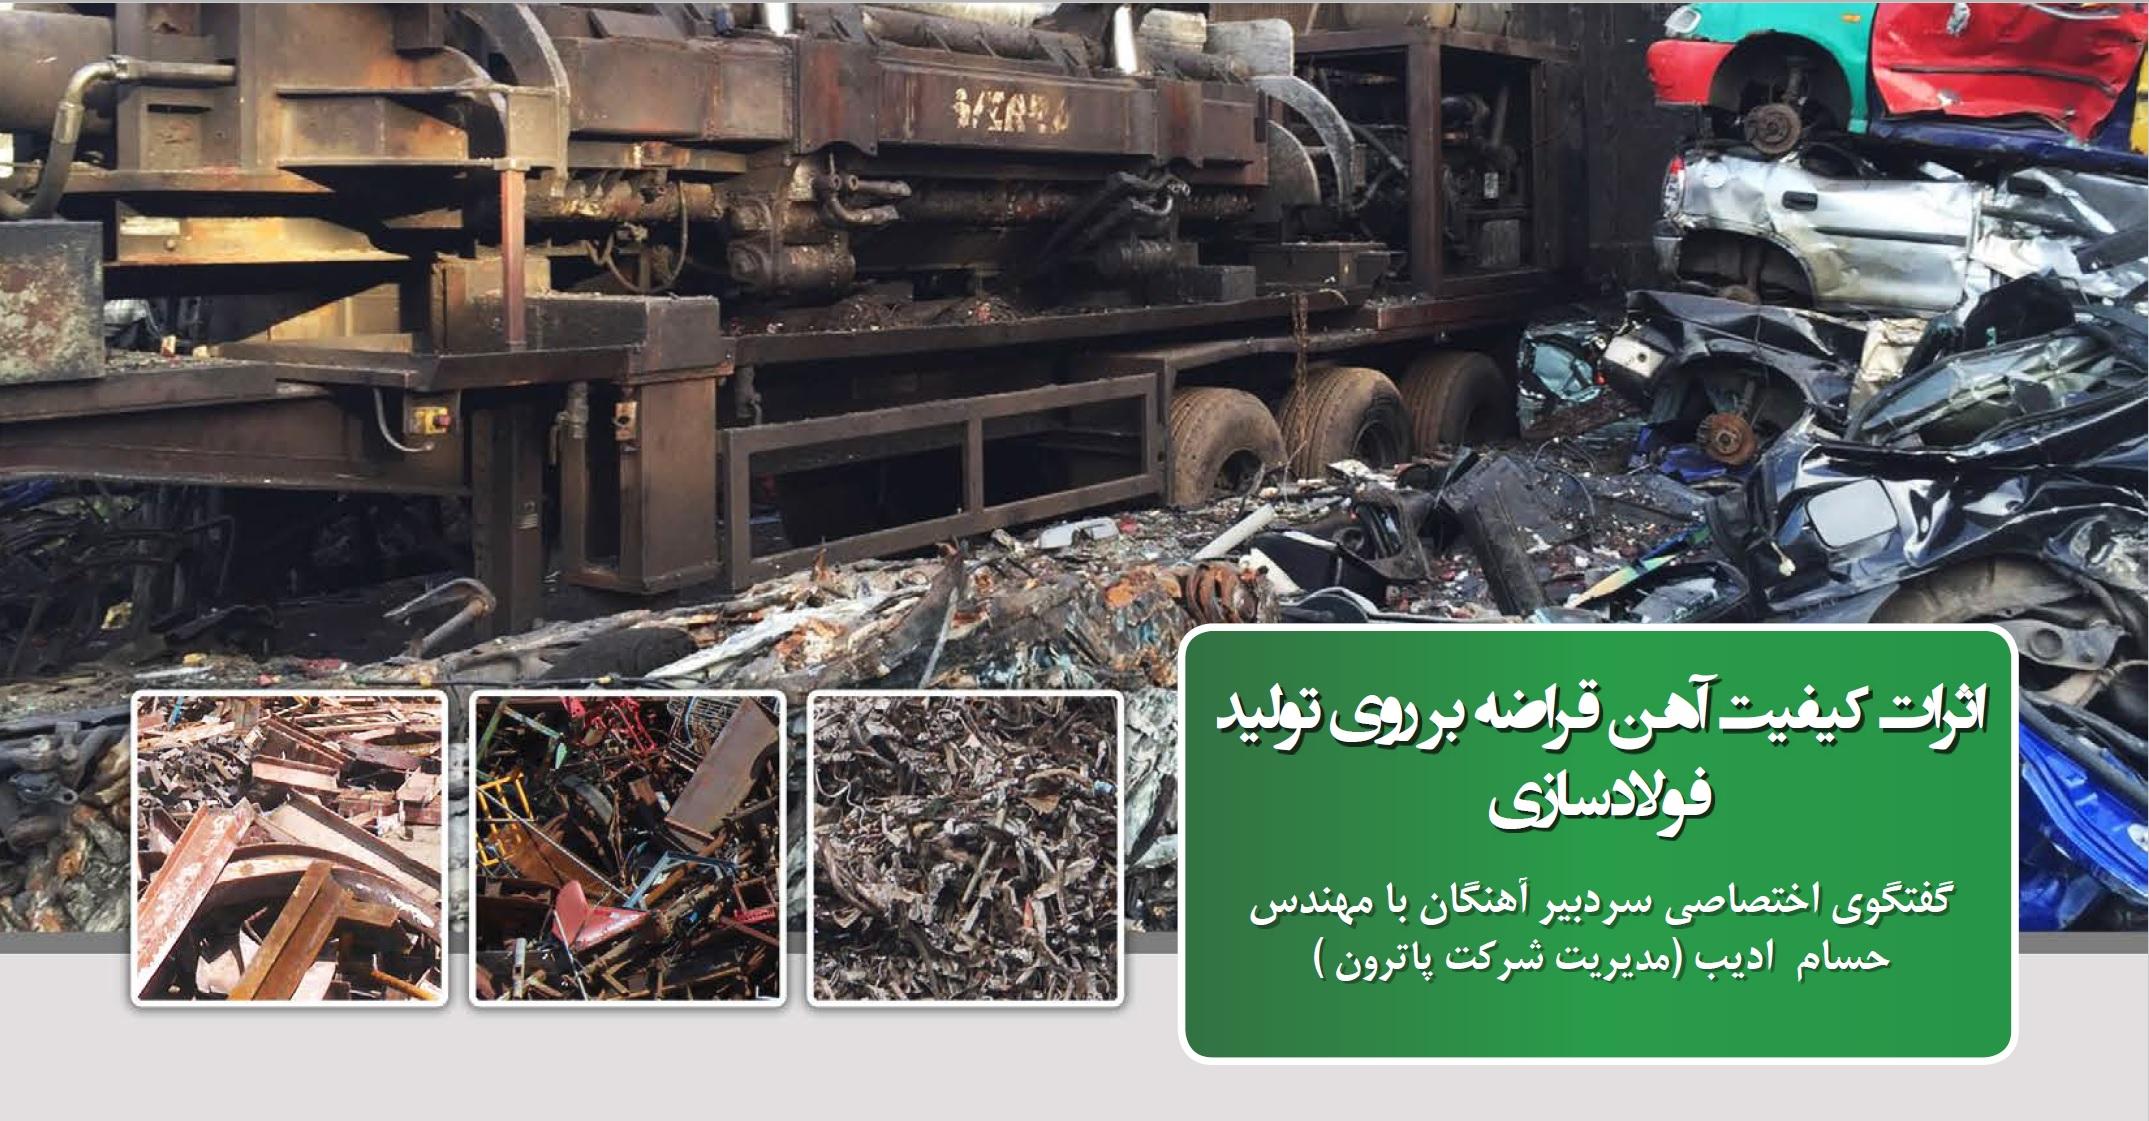 مصاحبه: اثرات کیفیت قراضه در فولادسازی